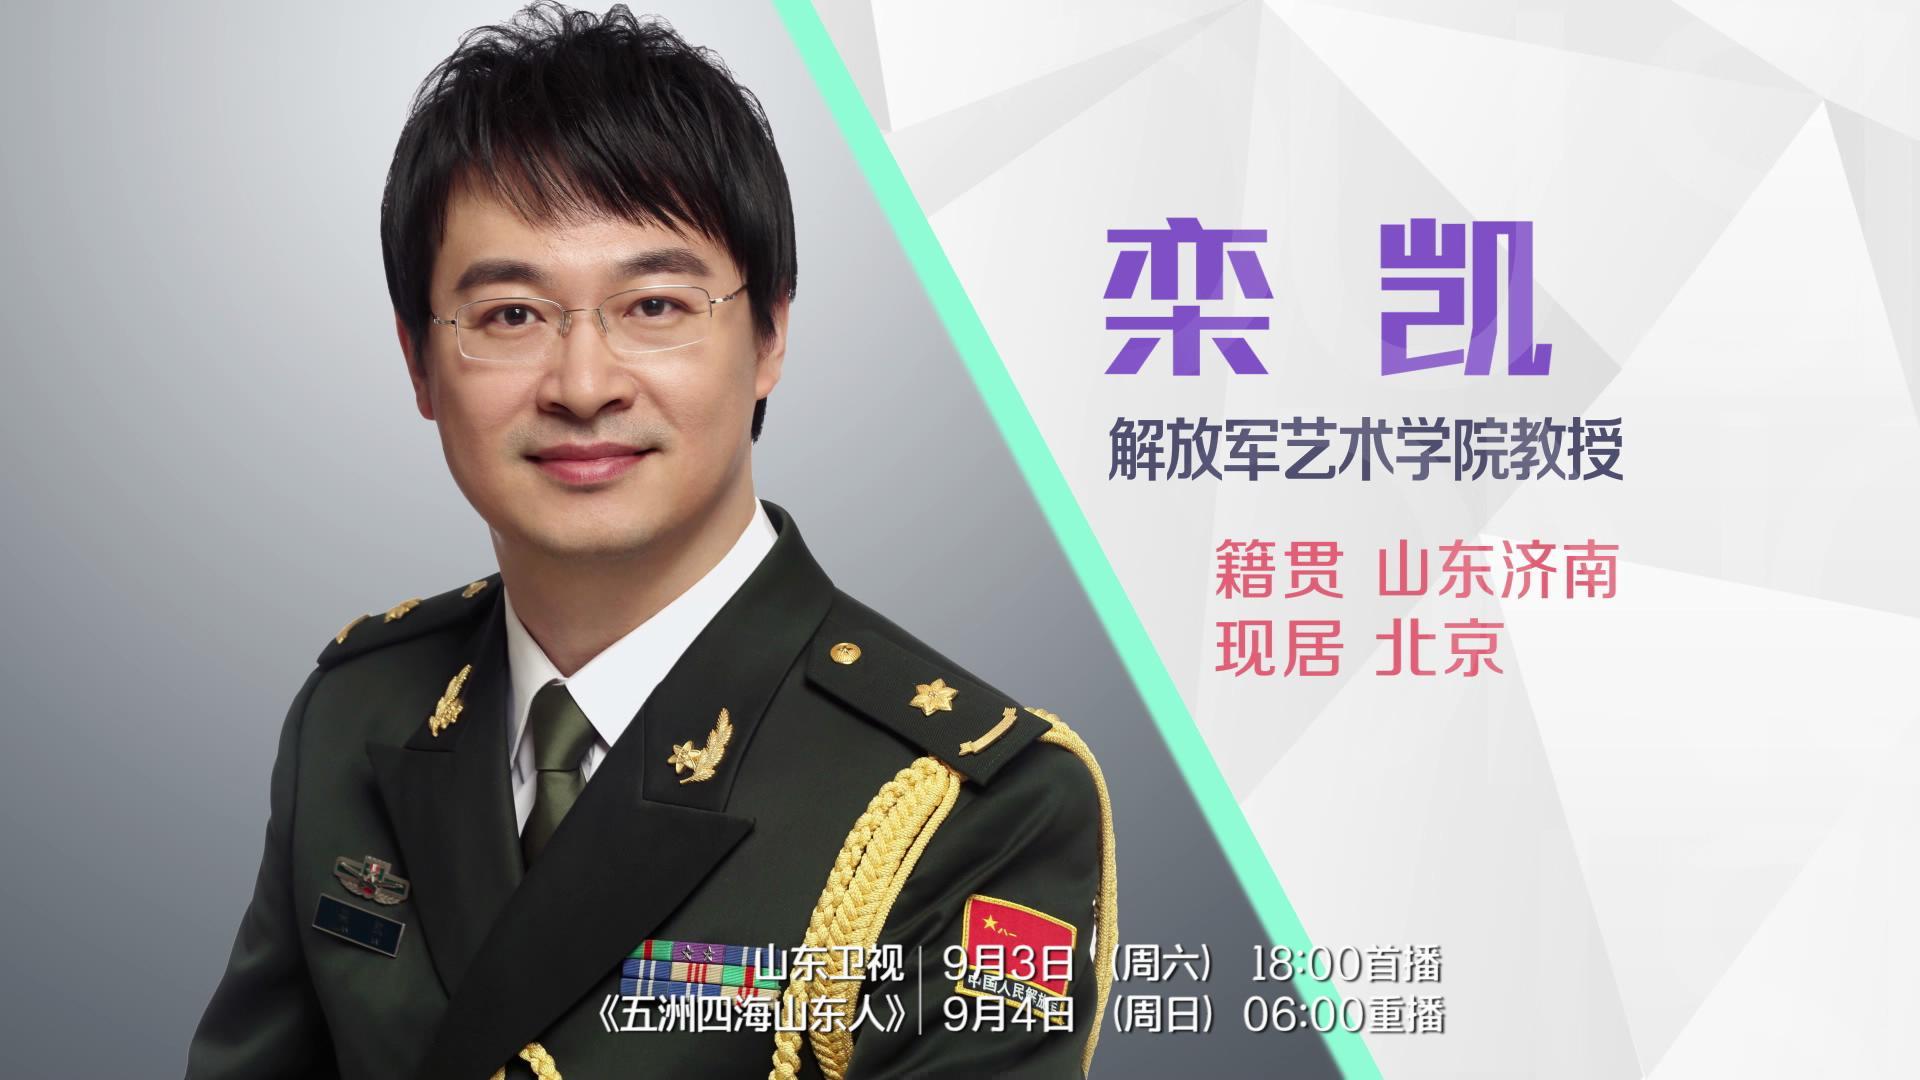 9月3日预告 | 当代军旅作曲家/栾凯